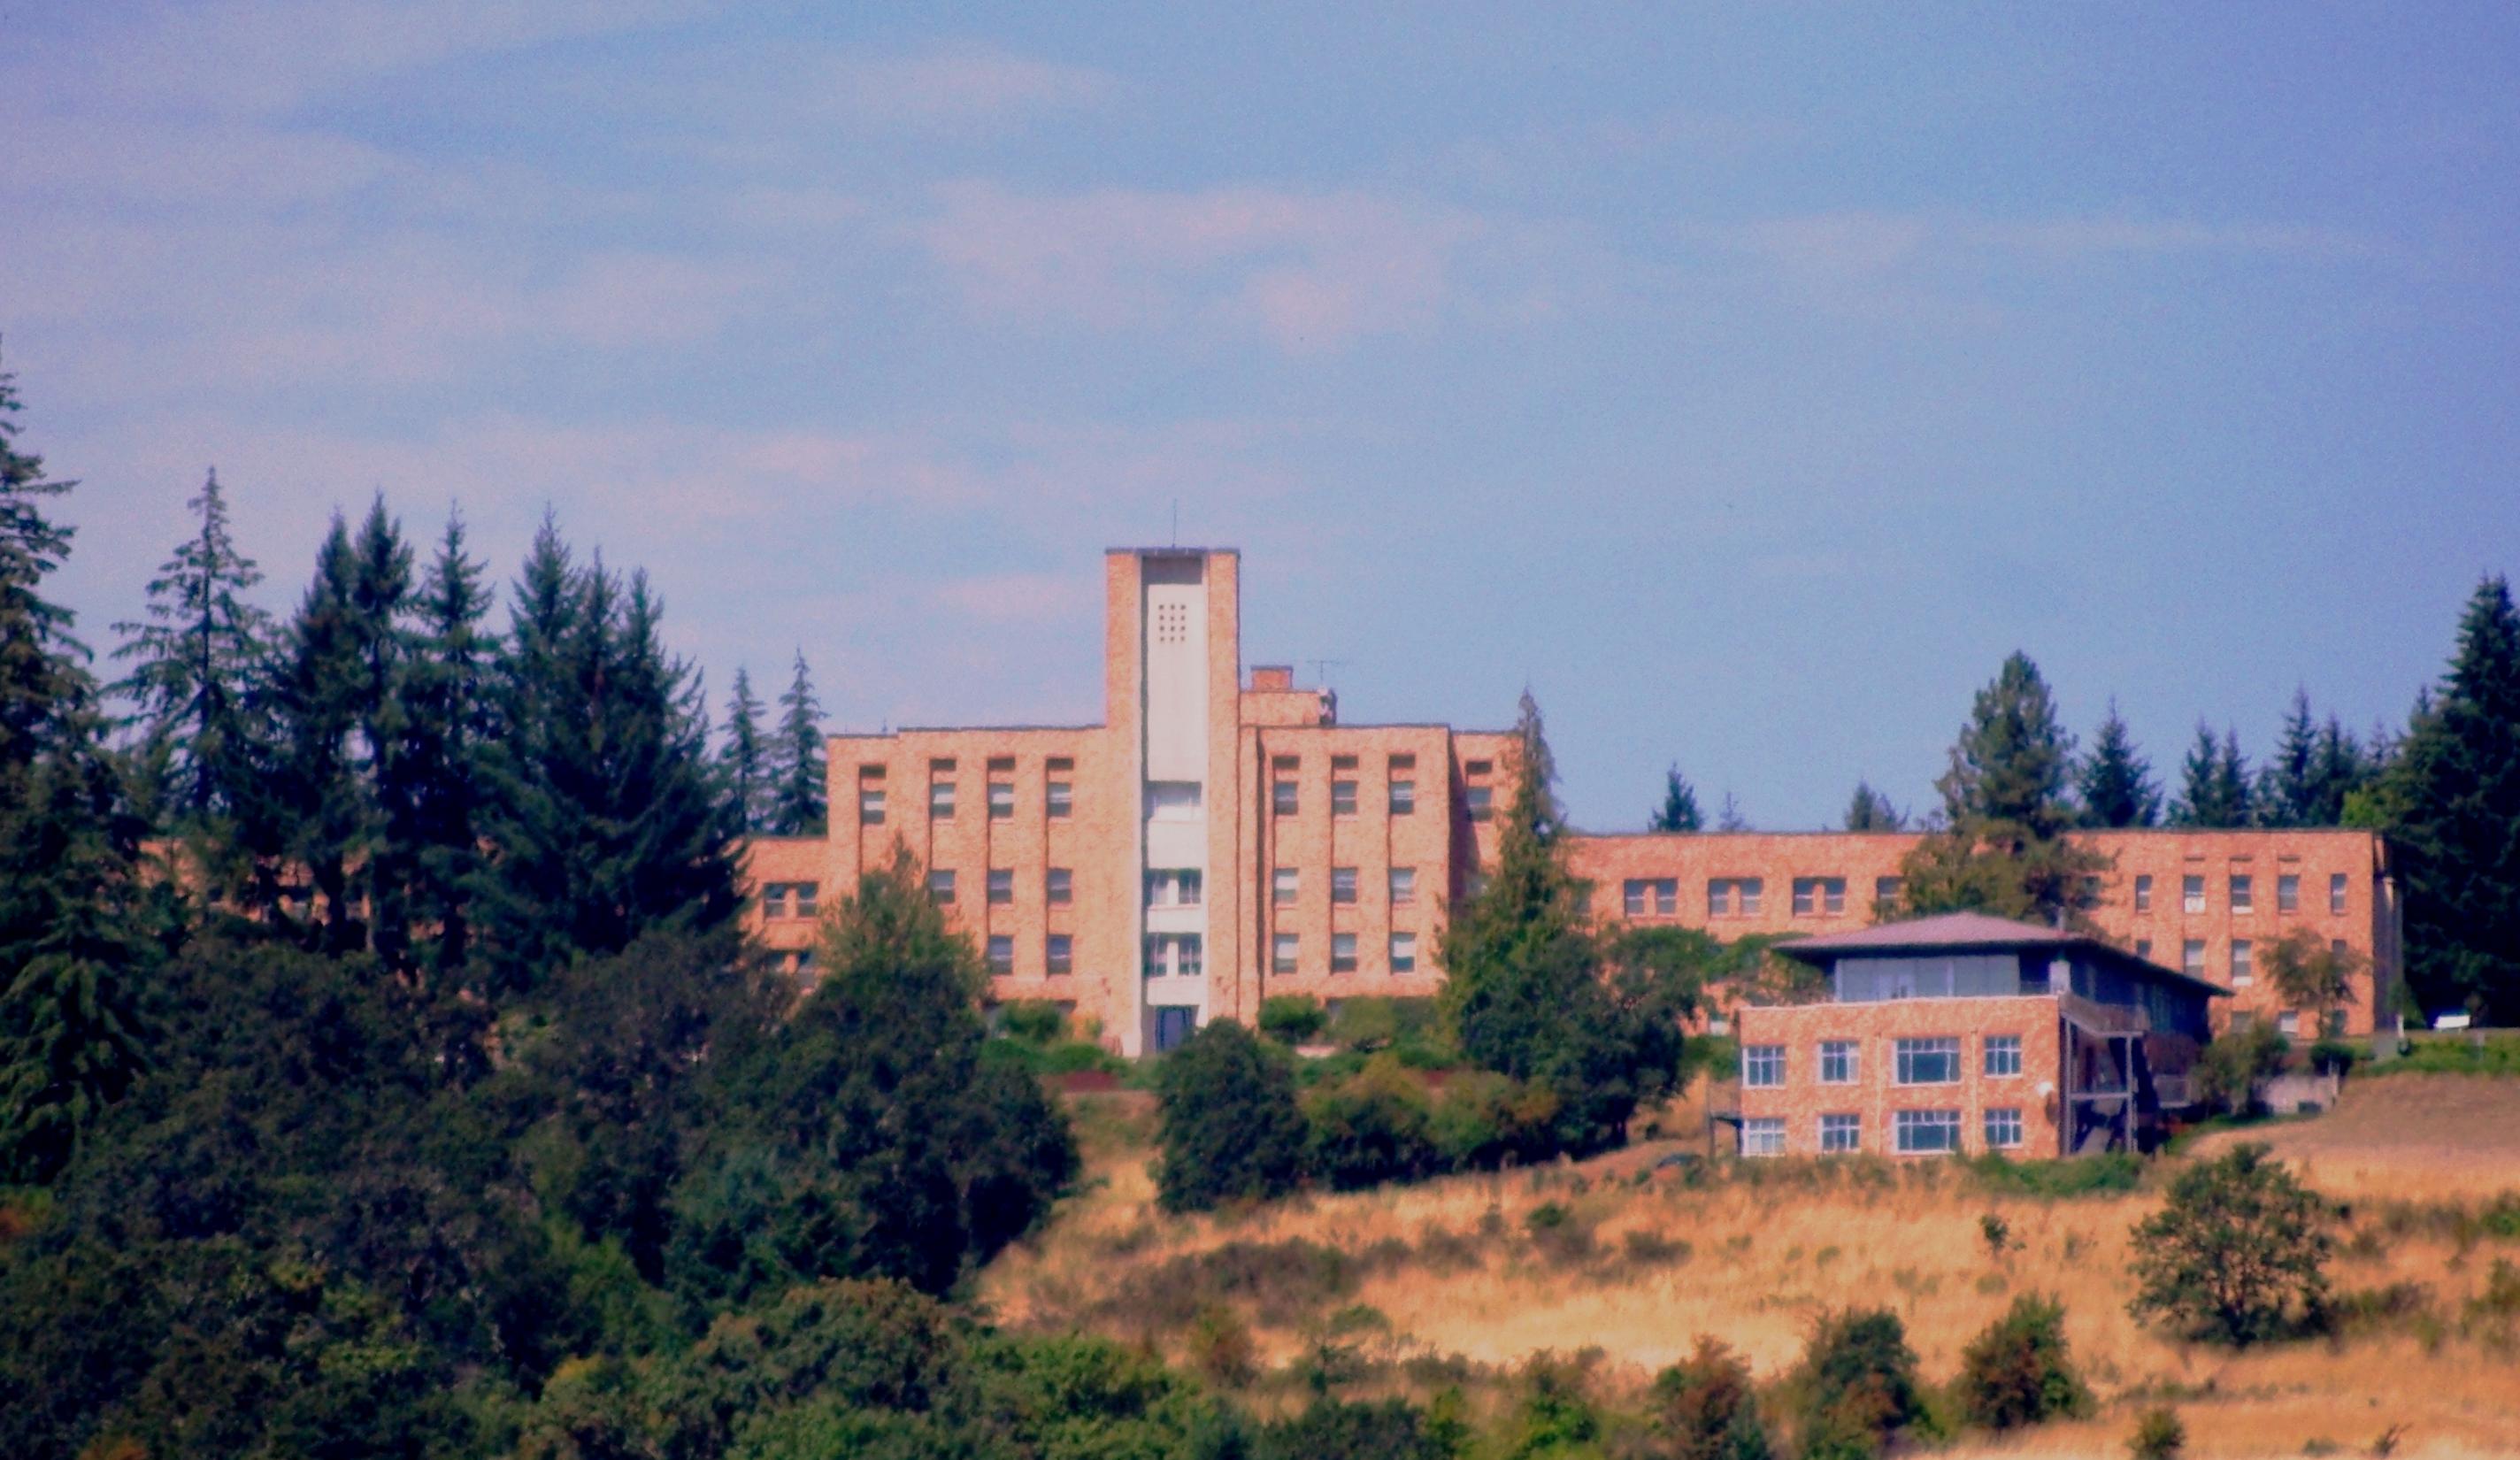 The_Delphian_School_in_Sheridan,_Oregon